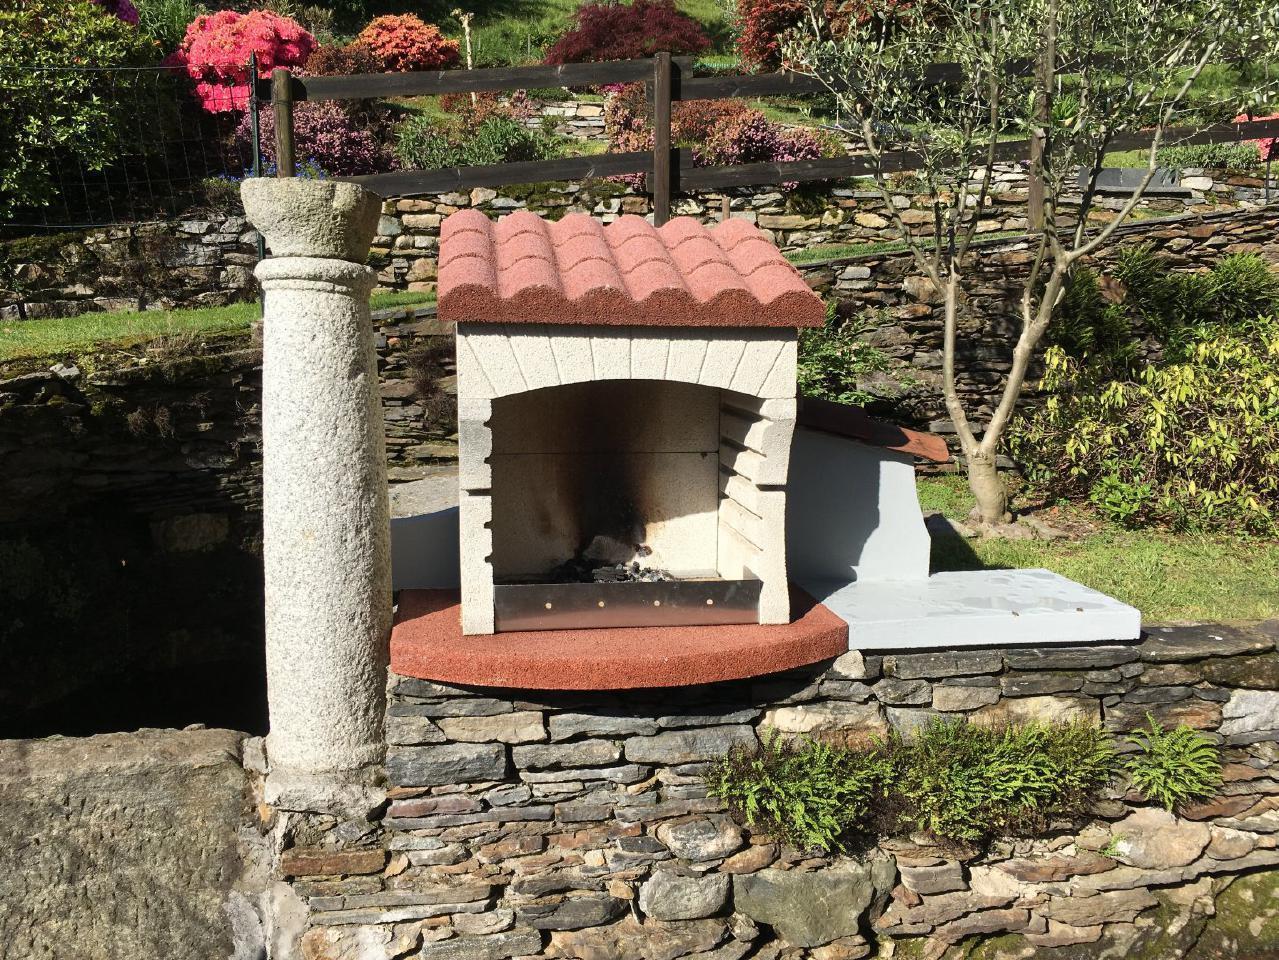 Ferienwohnung La Darsena (483597), Orta San Giulio, Ortasee, Piemont, Italien, Bild 23